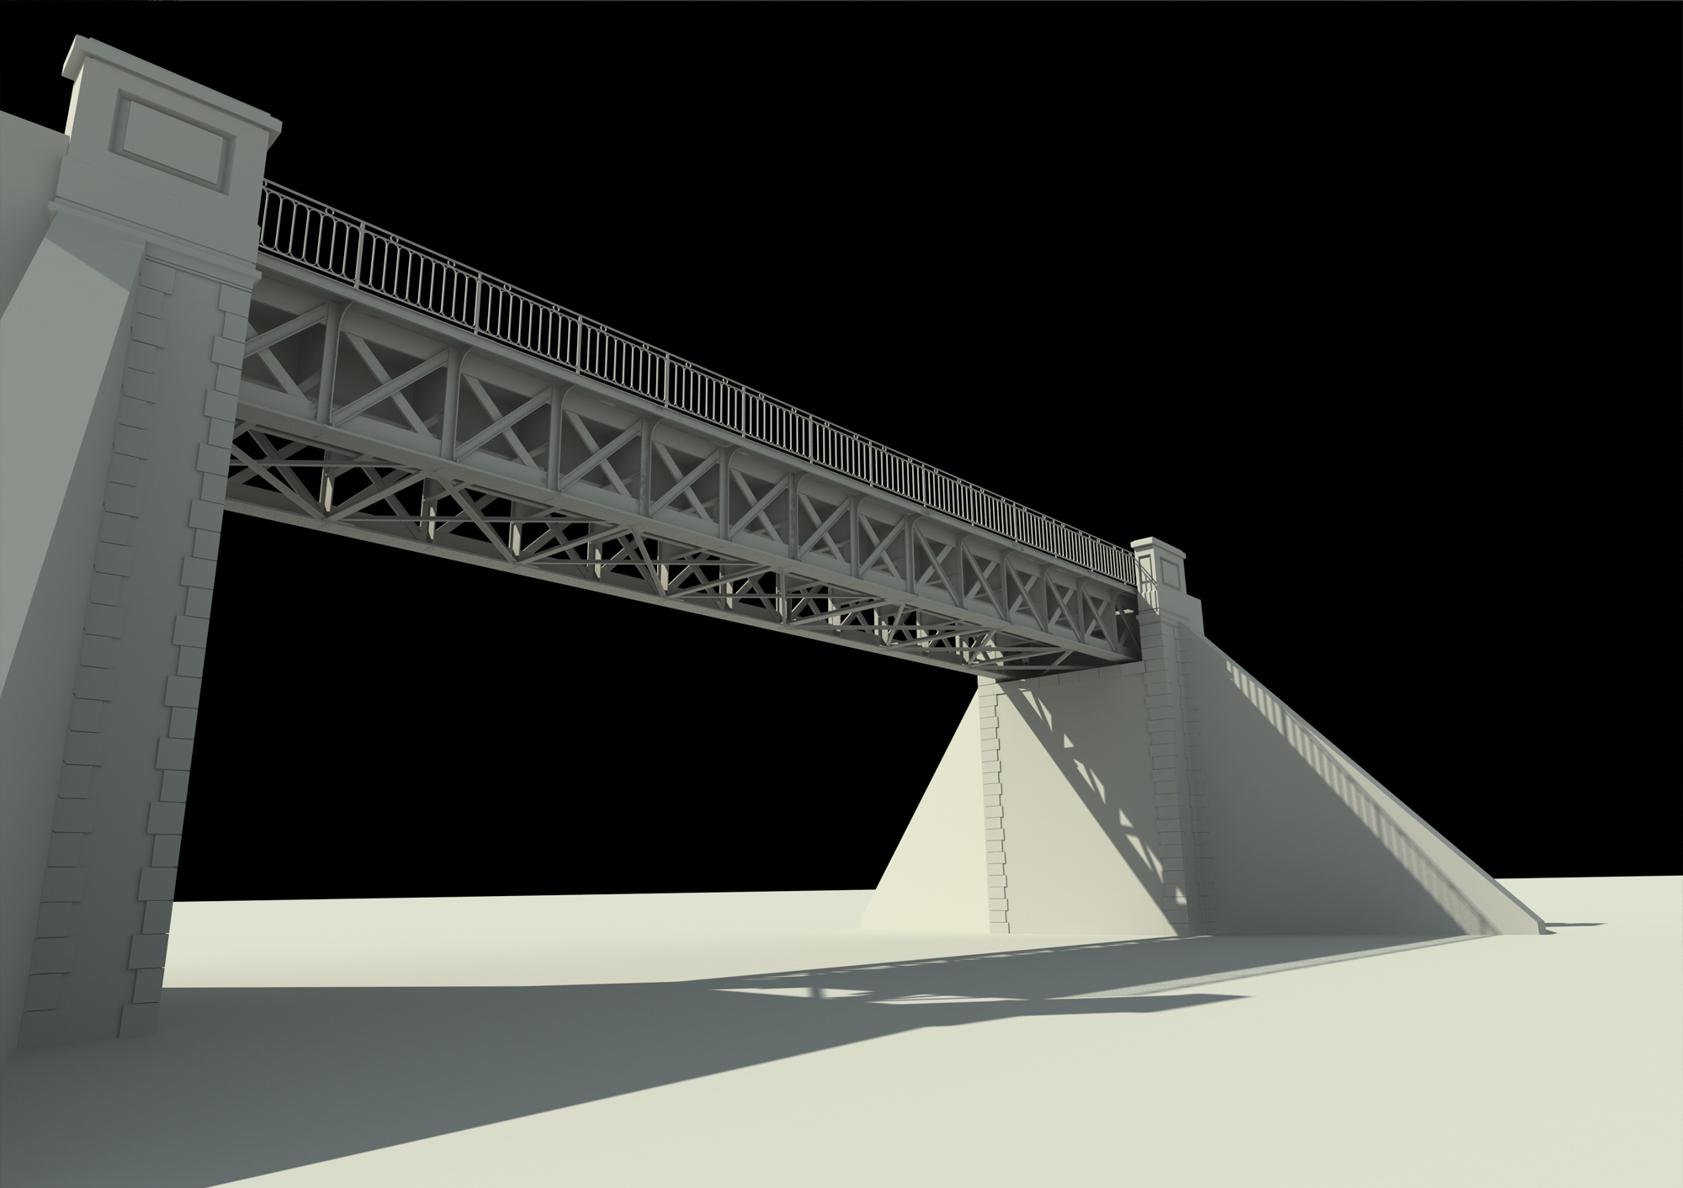 1-Dripmoon-archvis-simulation-eclairage-Evreux-eclairagiste-NoctaBene-image3D-modelisation-pont-2